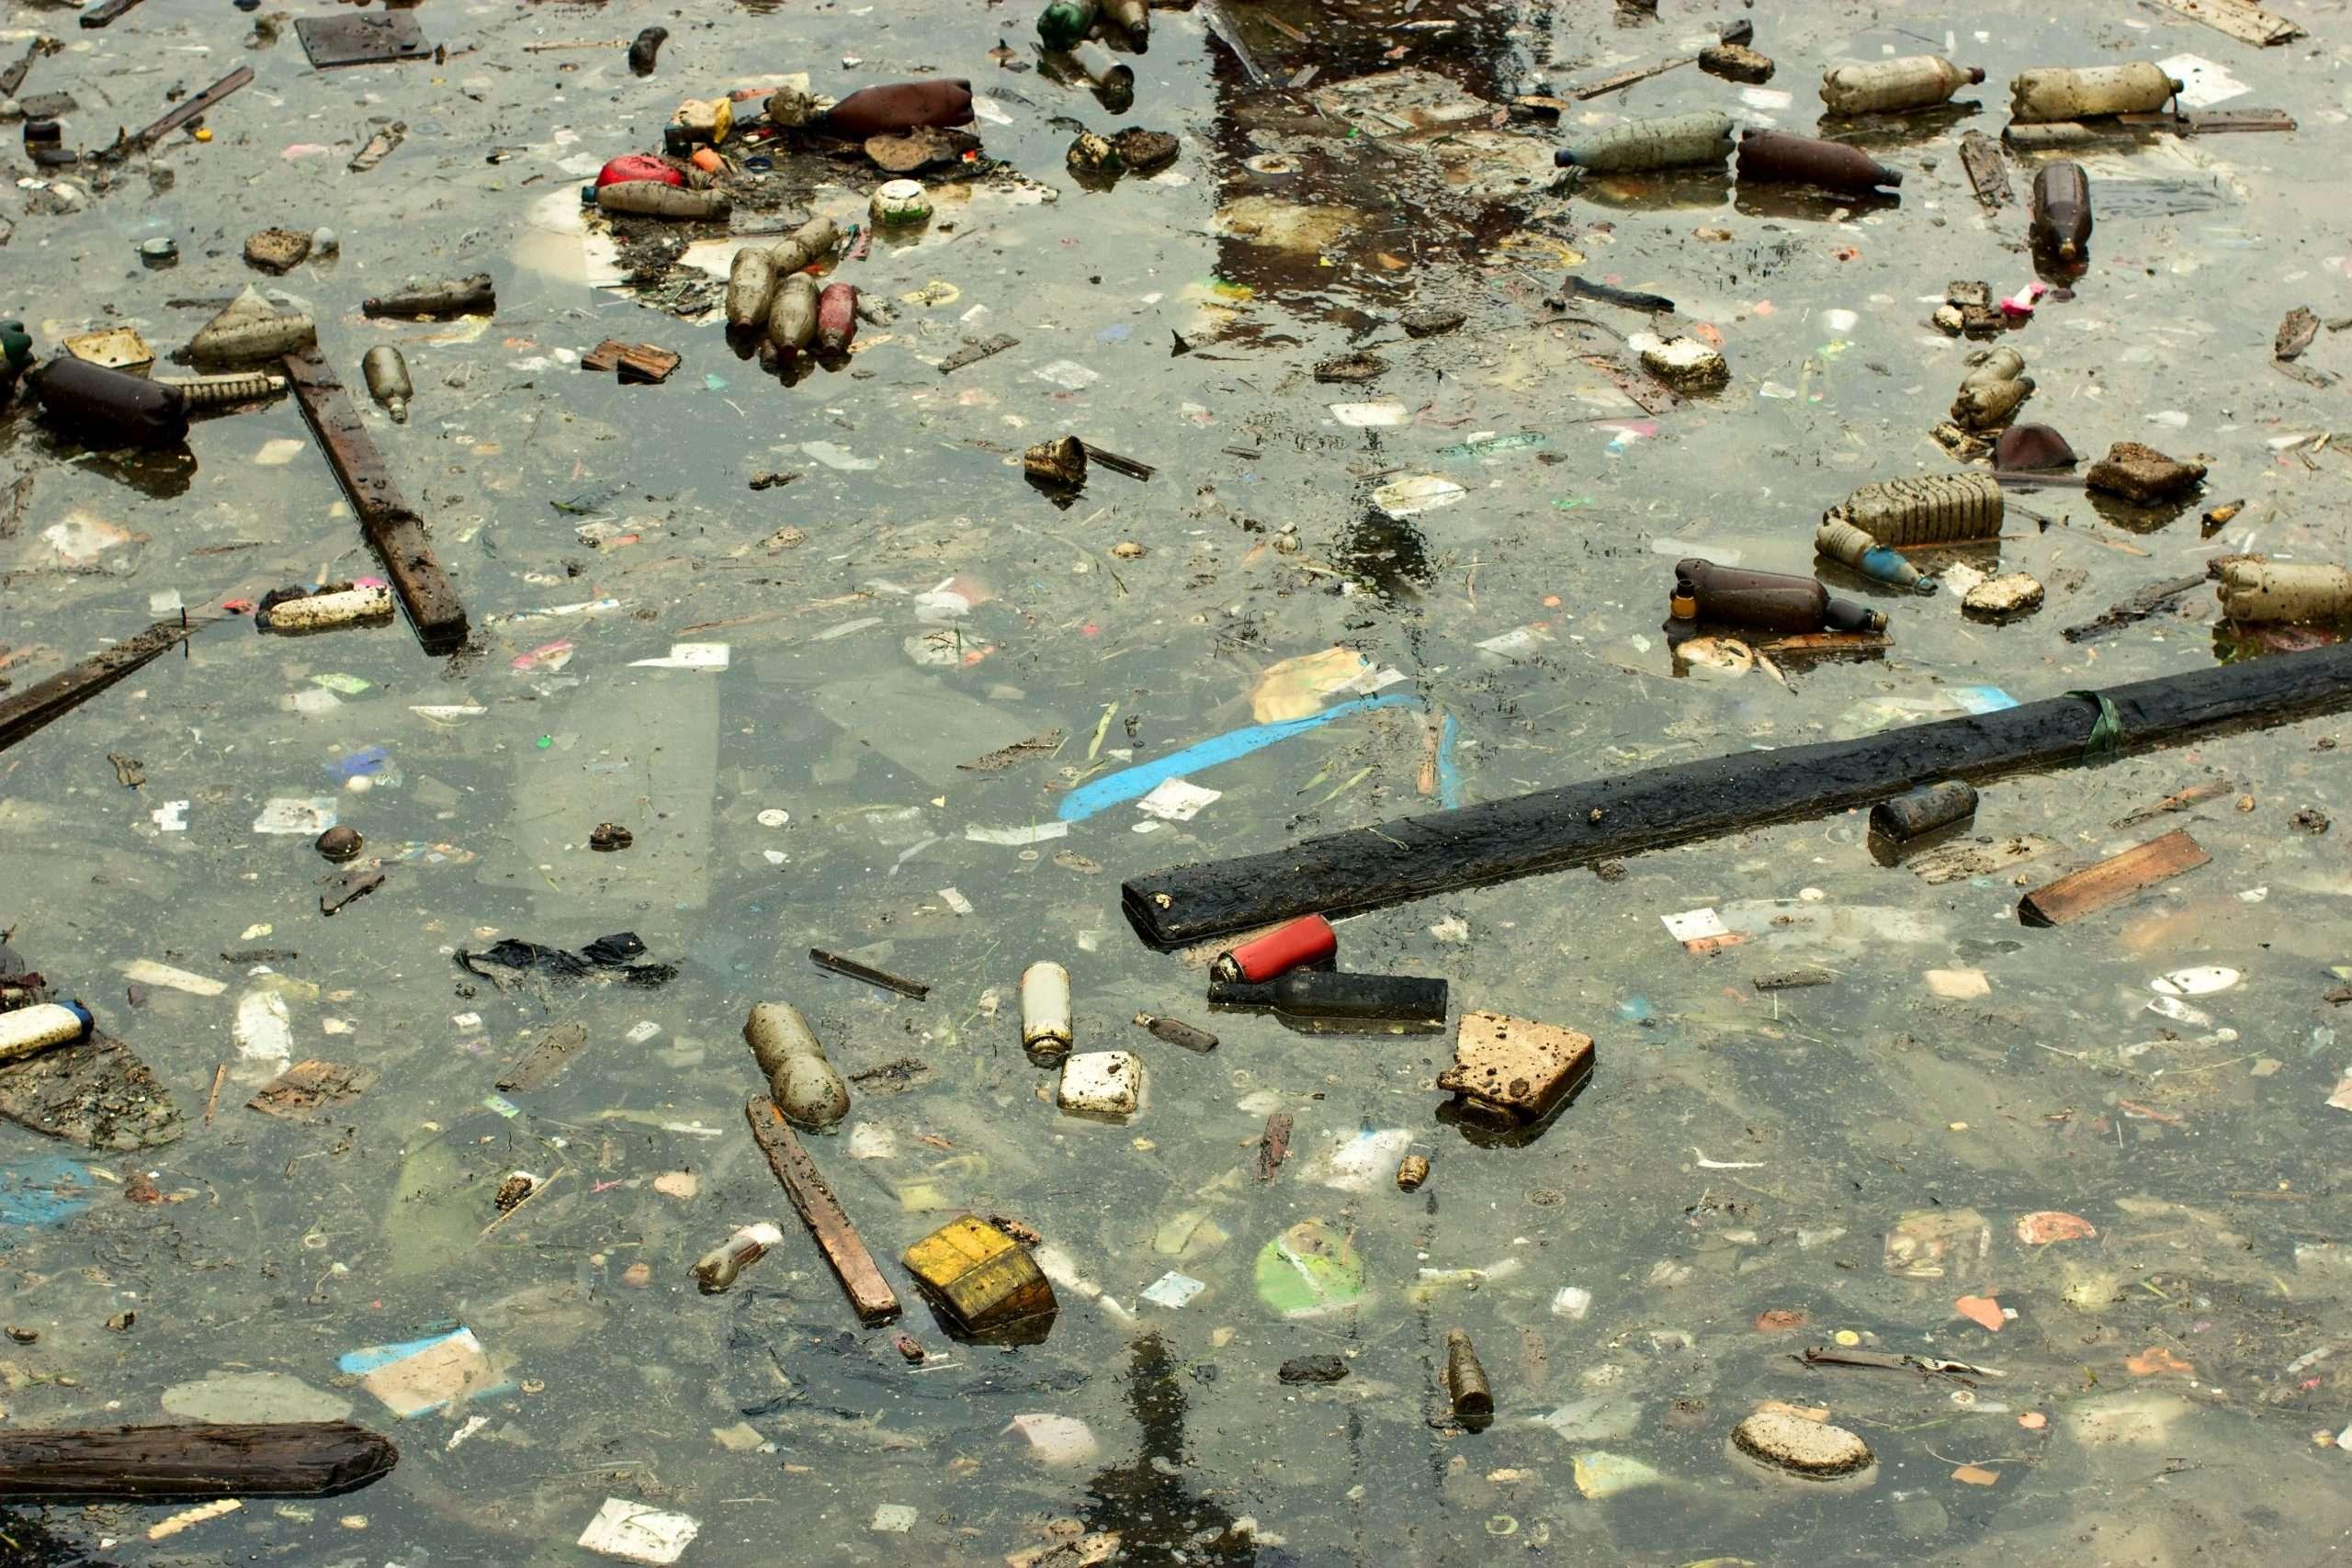 nouveau dispositif pour dépolluer les cours d'eau